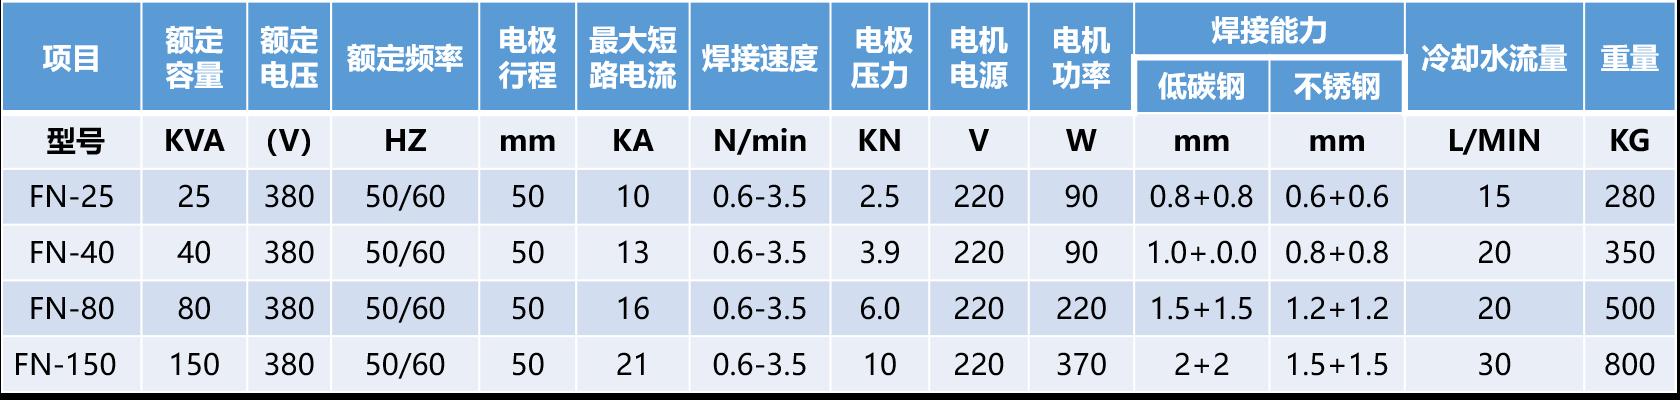 交流缝焊机参数表